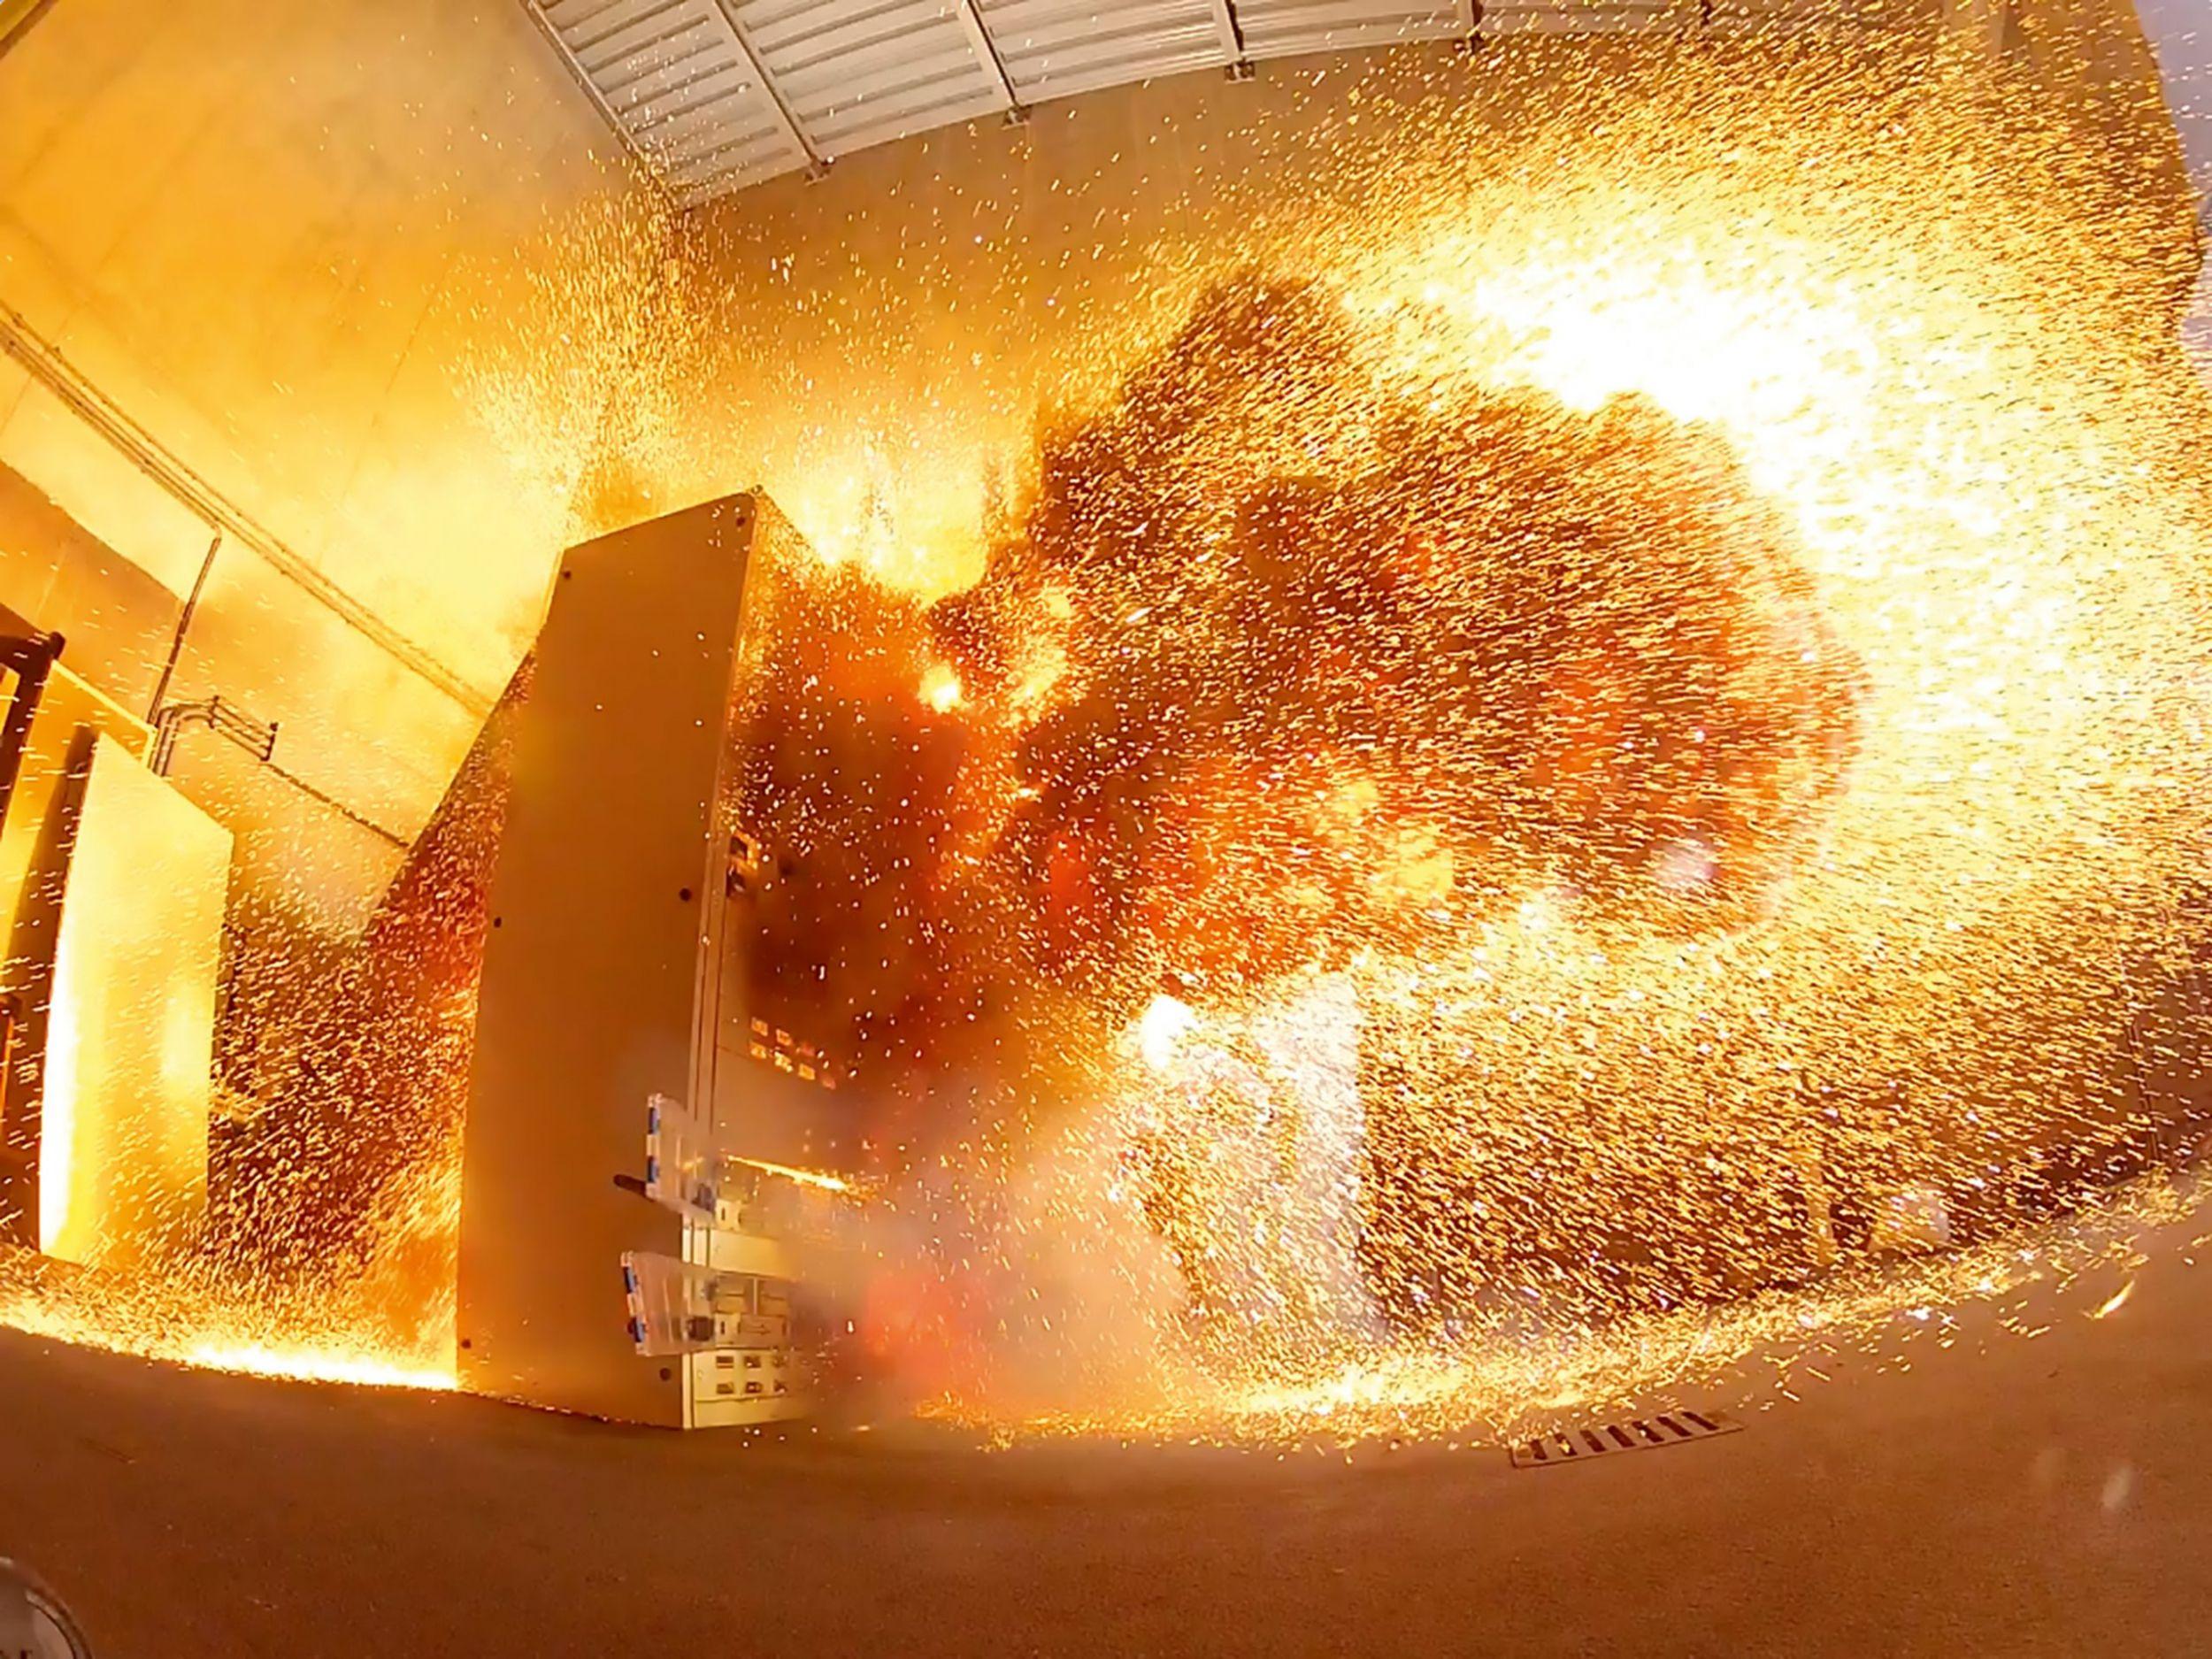 Ein Störlichtbogen ist ein nicht betriebsmäßiger Lichtbogen, der einer Explosion gleicht, innerhalb von Millisekunden eine sehr hohe Energie entwickeln kann und dadurch unter anderem hohe Temperatur- und Druckentwicklung erzeugt. (Bild: Hager Electro GmbH & Co. KG)